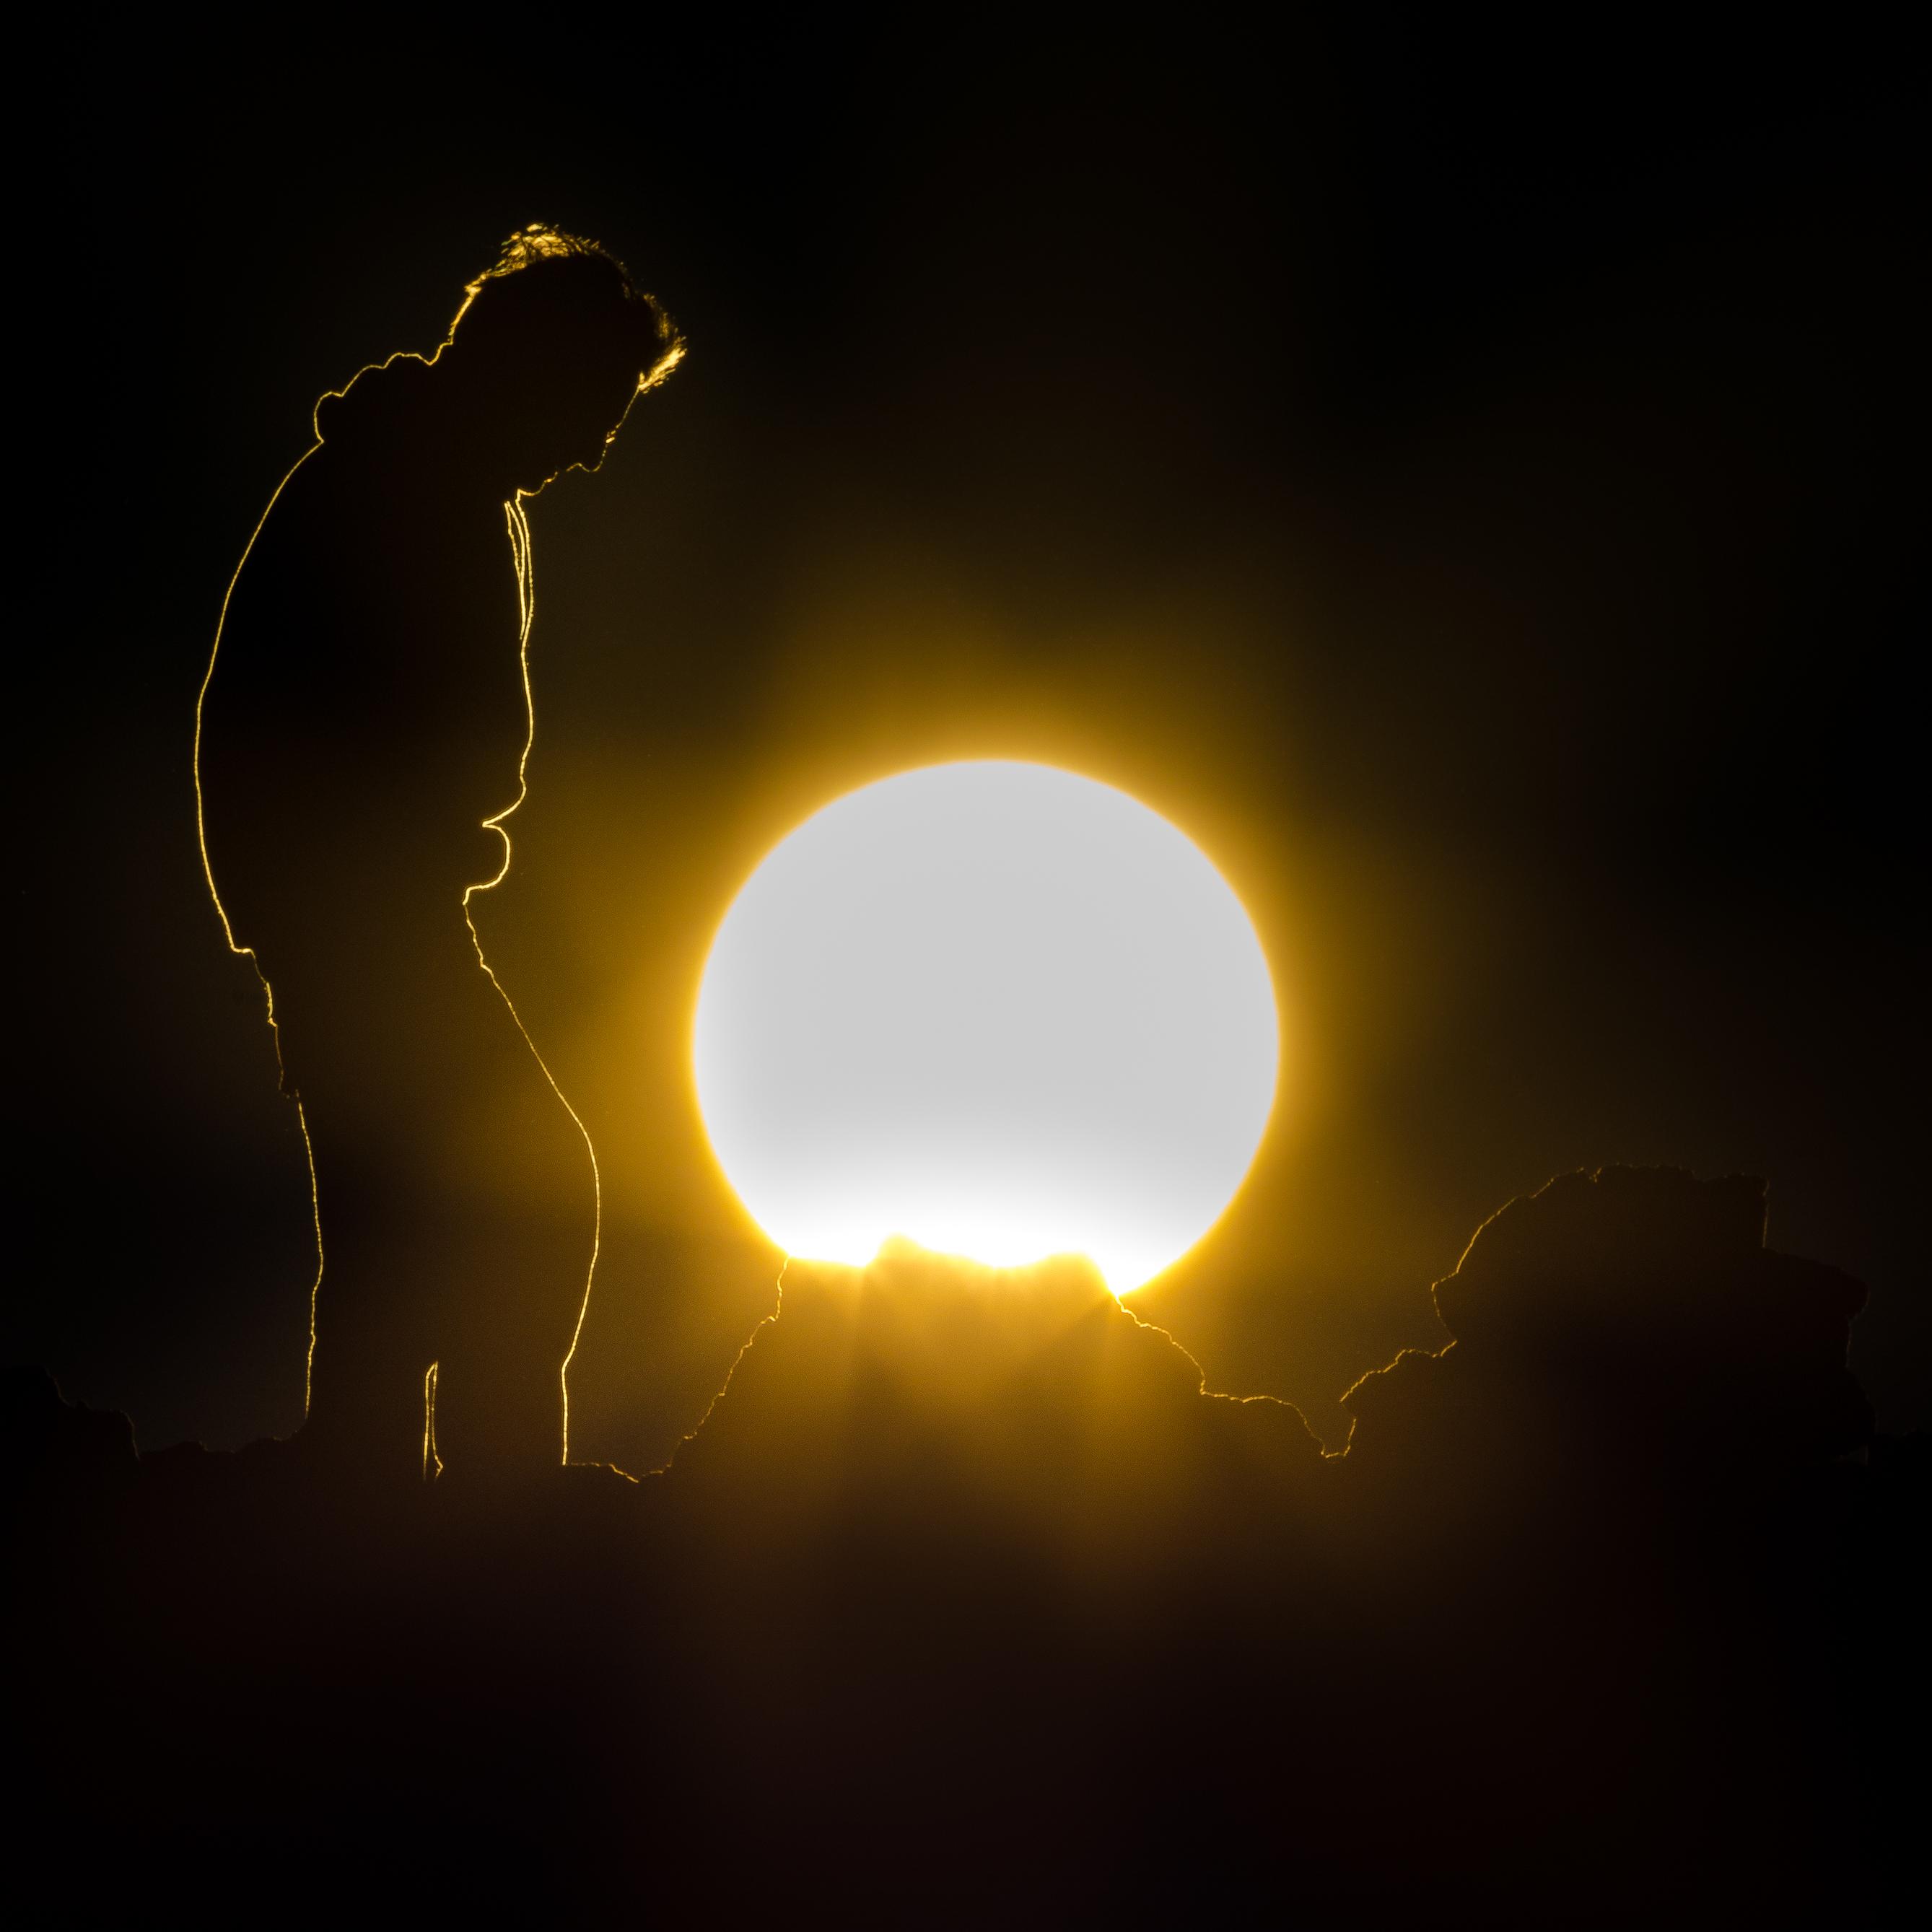 La Palma - Jouer avec le Soleil IMG_9235